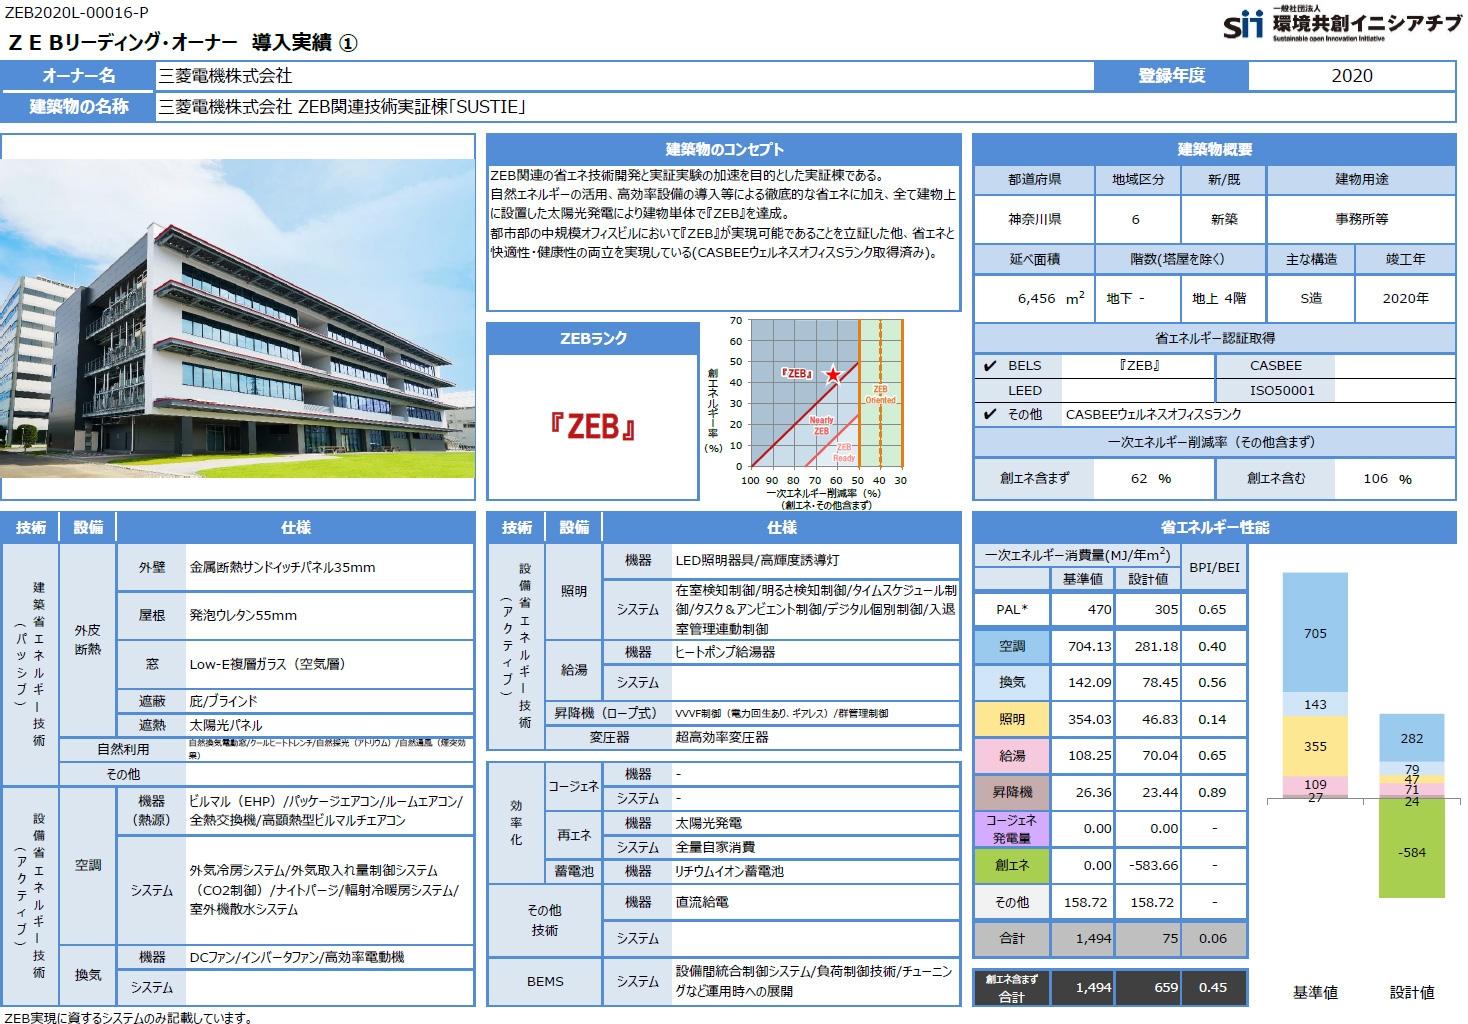 三菱電機 ZEB関連技術実証棟「SUSTIE」のZEBデータ(資料:環境共創イニシアチブ)